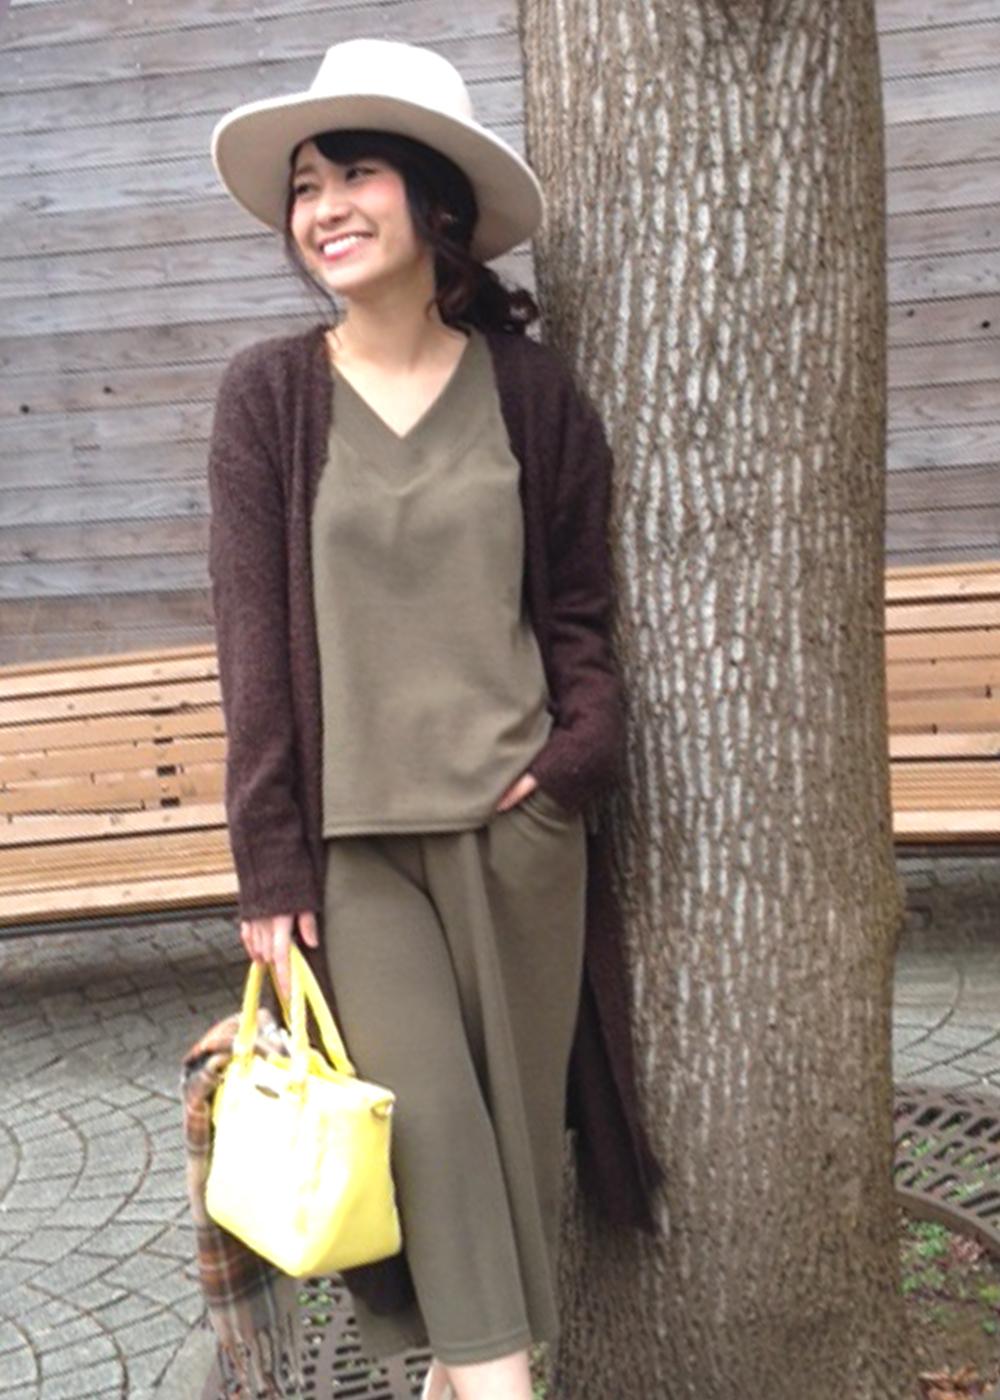 吉田奈央 (フリーアナウンサー)の画像 p1_28